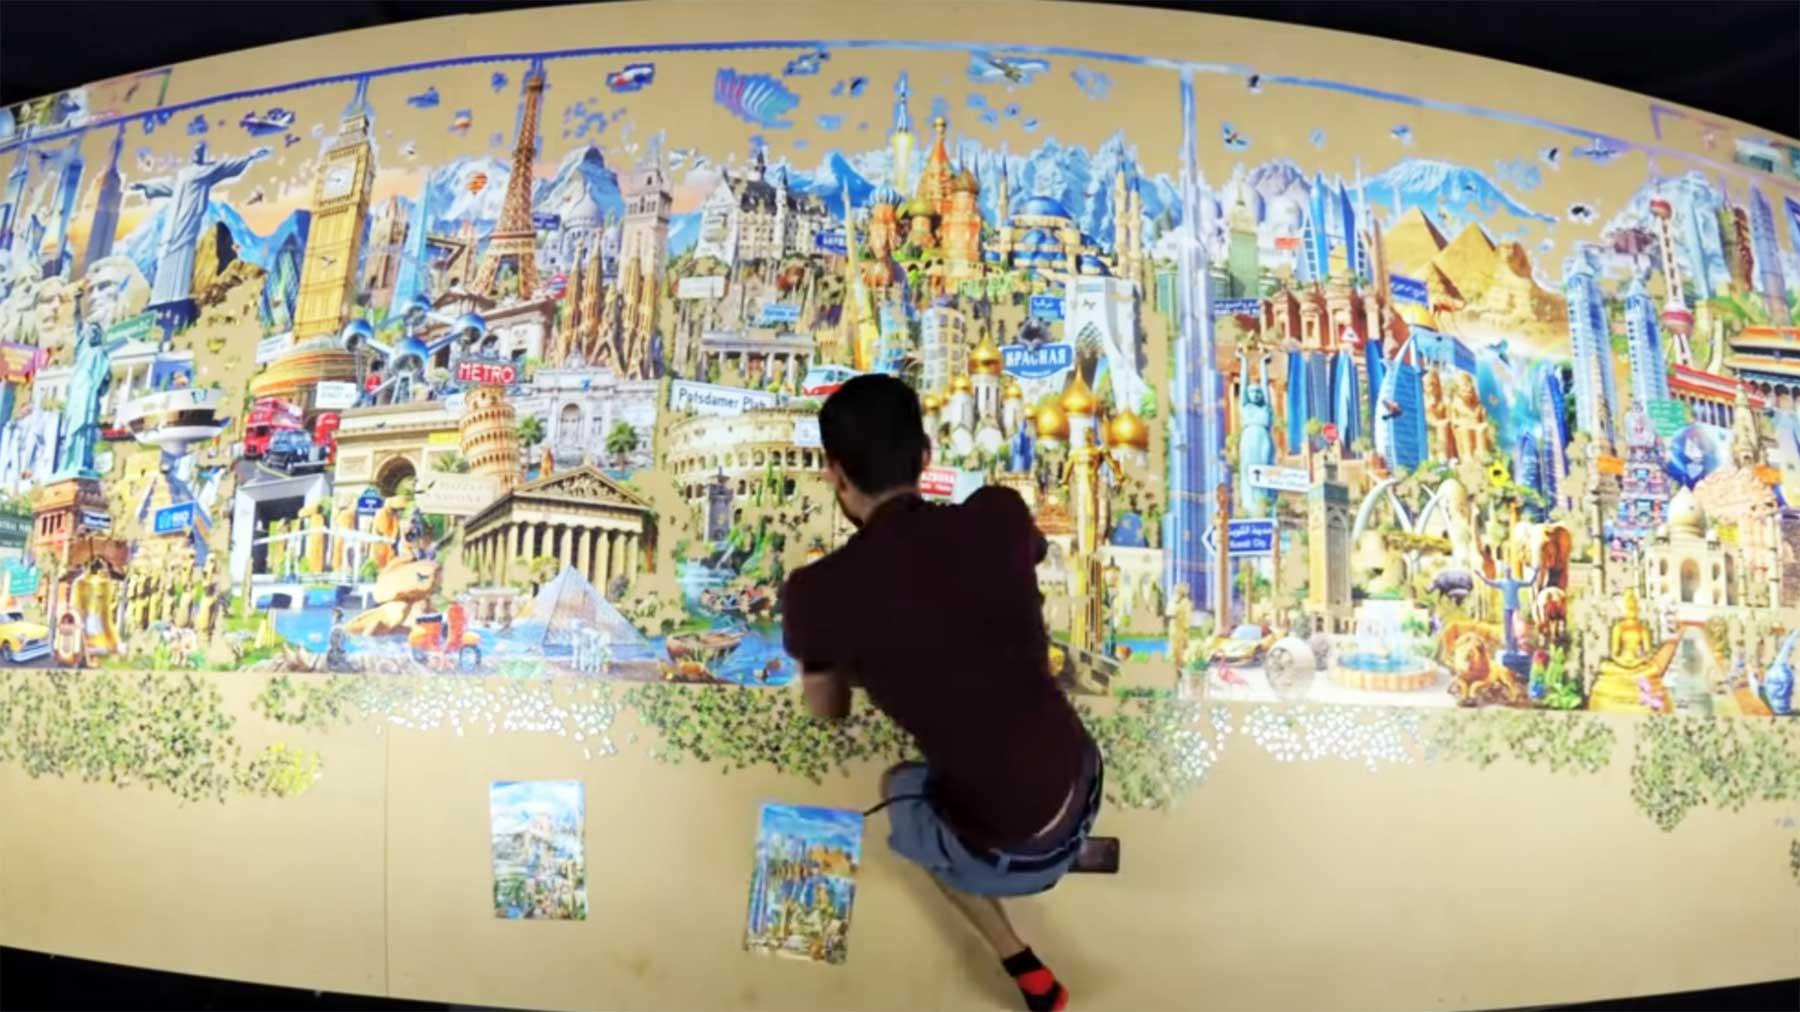 42.000-Teile-Puzzle in 2:33 Minuten zusammengebaut